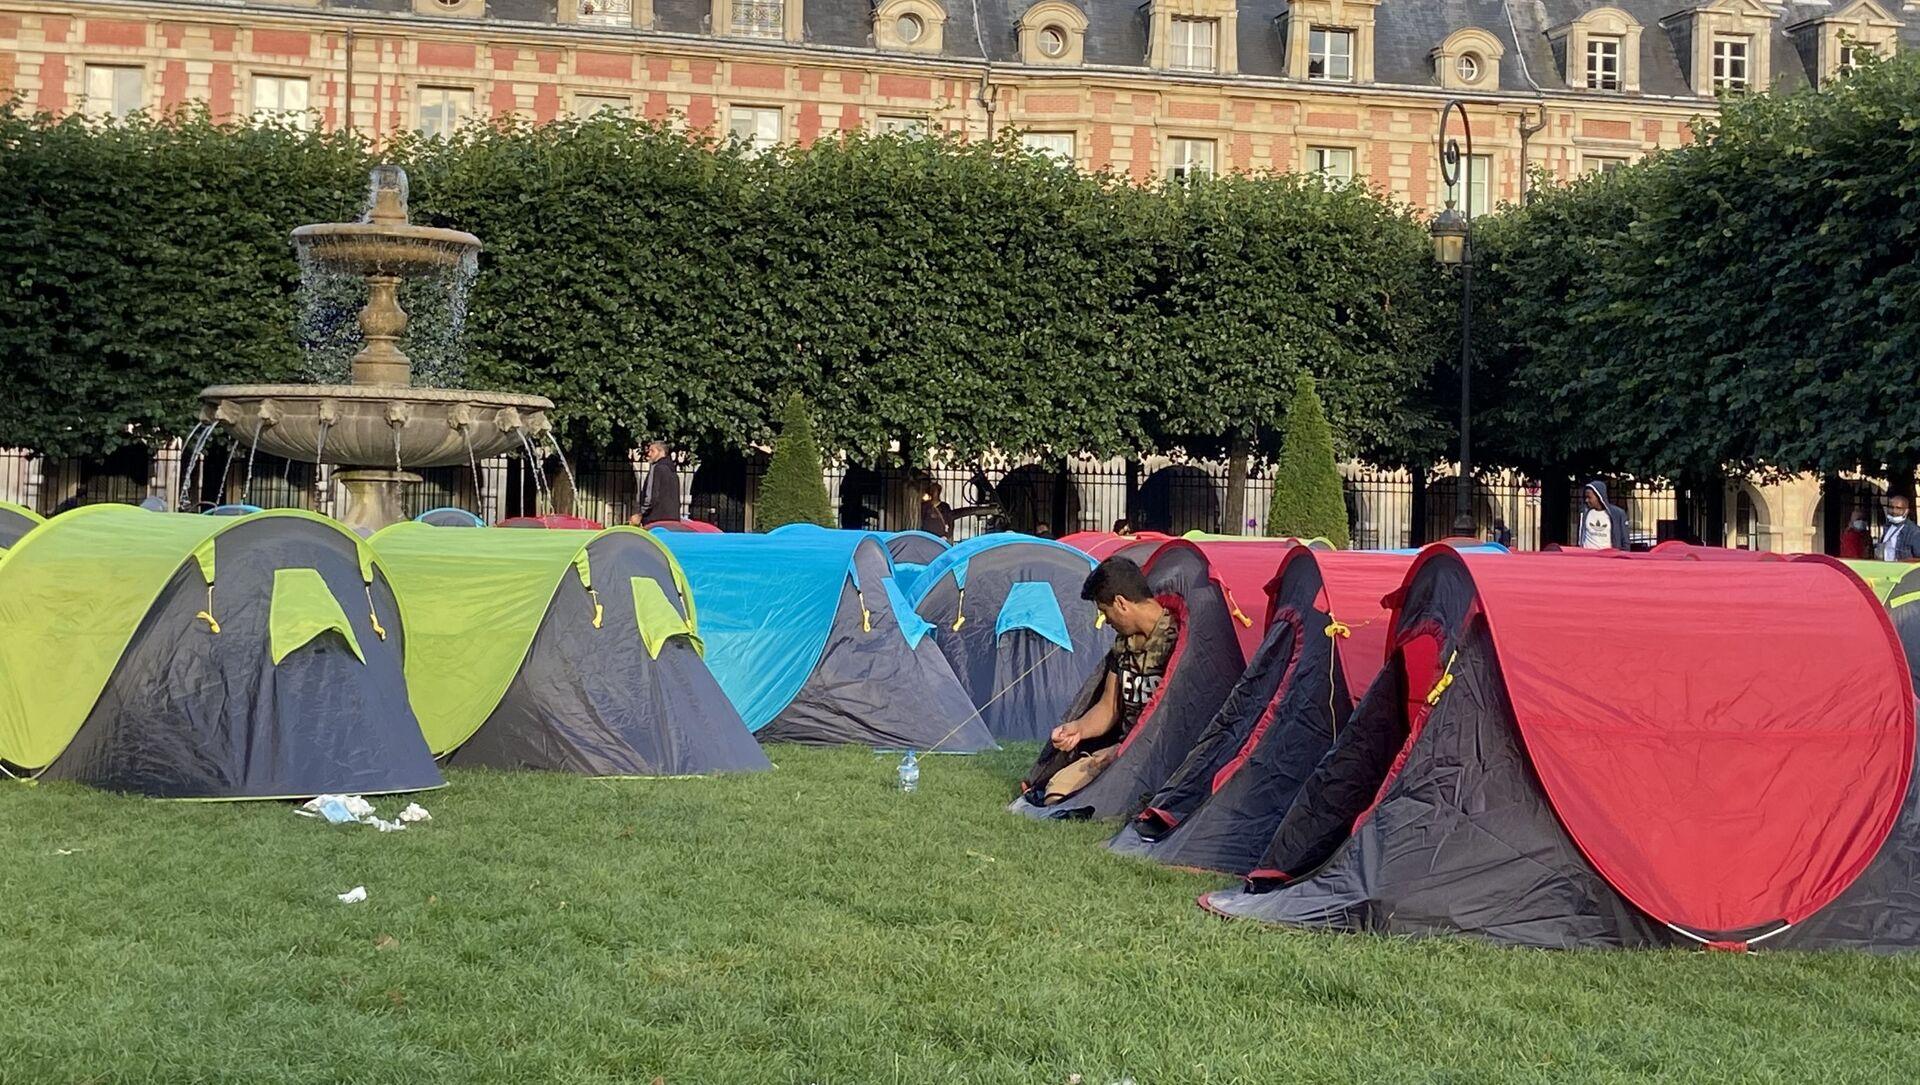 Environ 400 sans-abri s'installent sous des tentes place des Vosges à Paris, le 29 juillet - Sputnik France, 1920, 29.07.2021